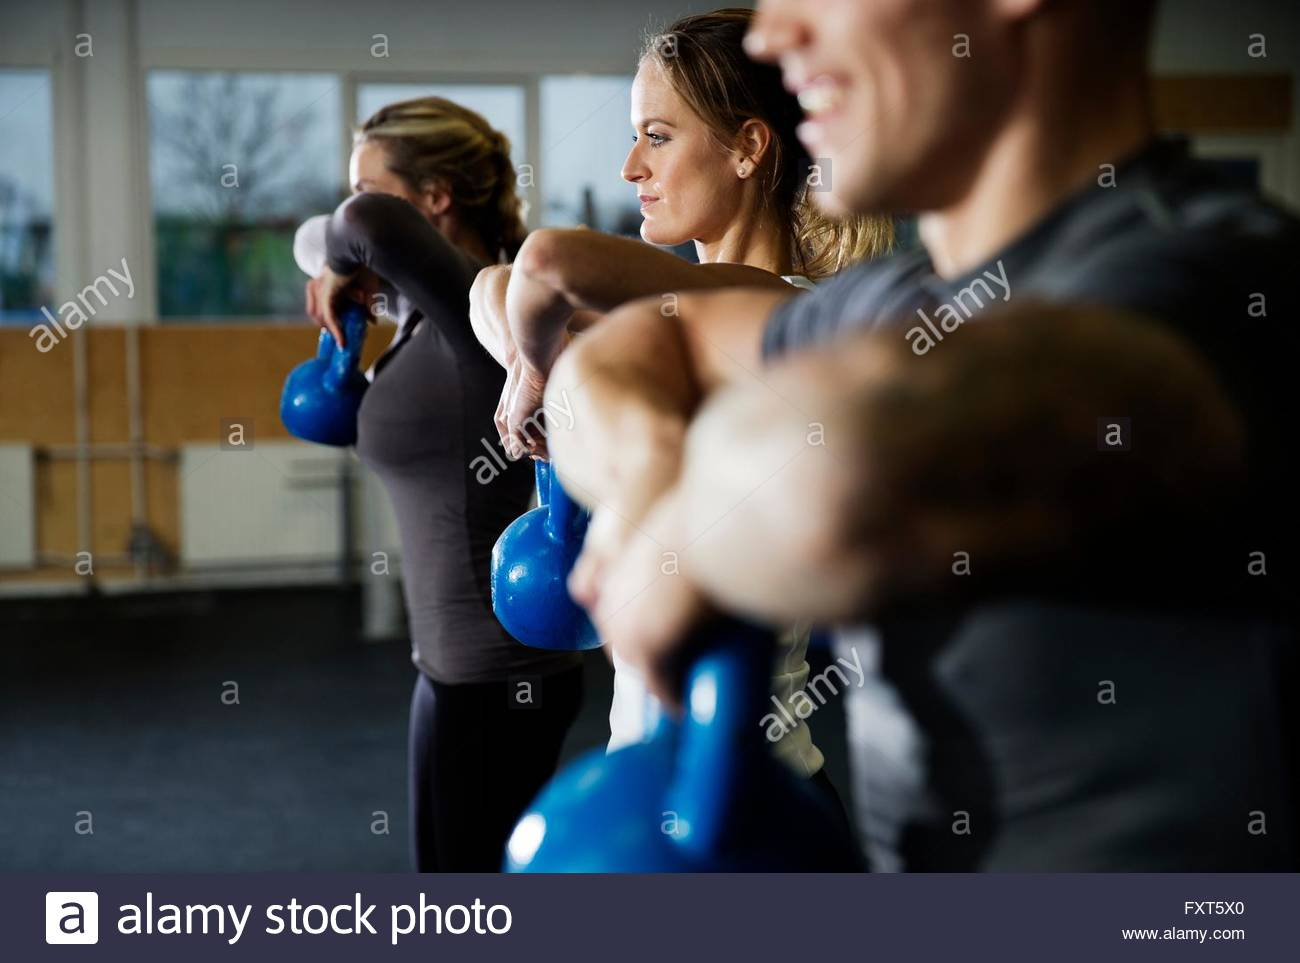 Fila de hombres y mujeres en el gimnasio entrenamiento con kettlebells Imagen De Stock